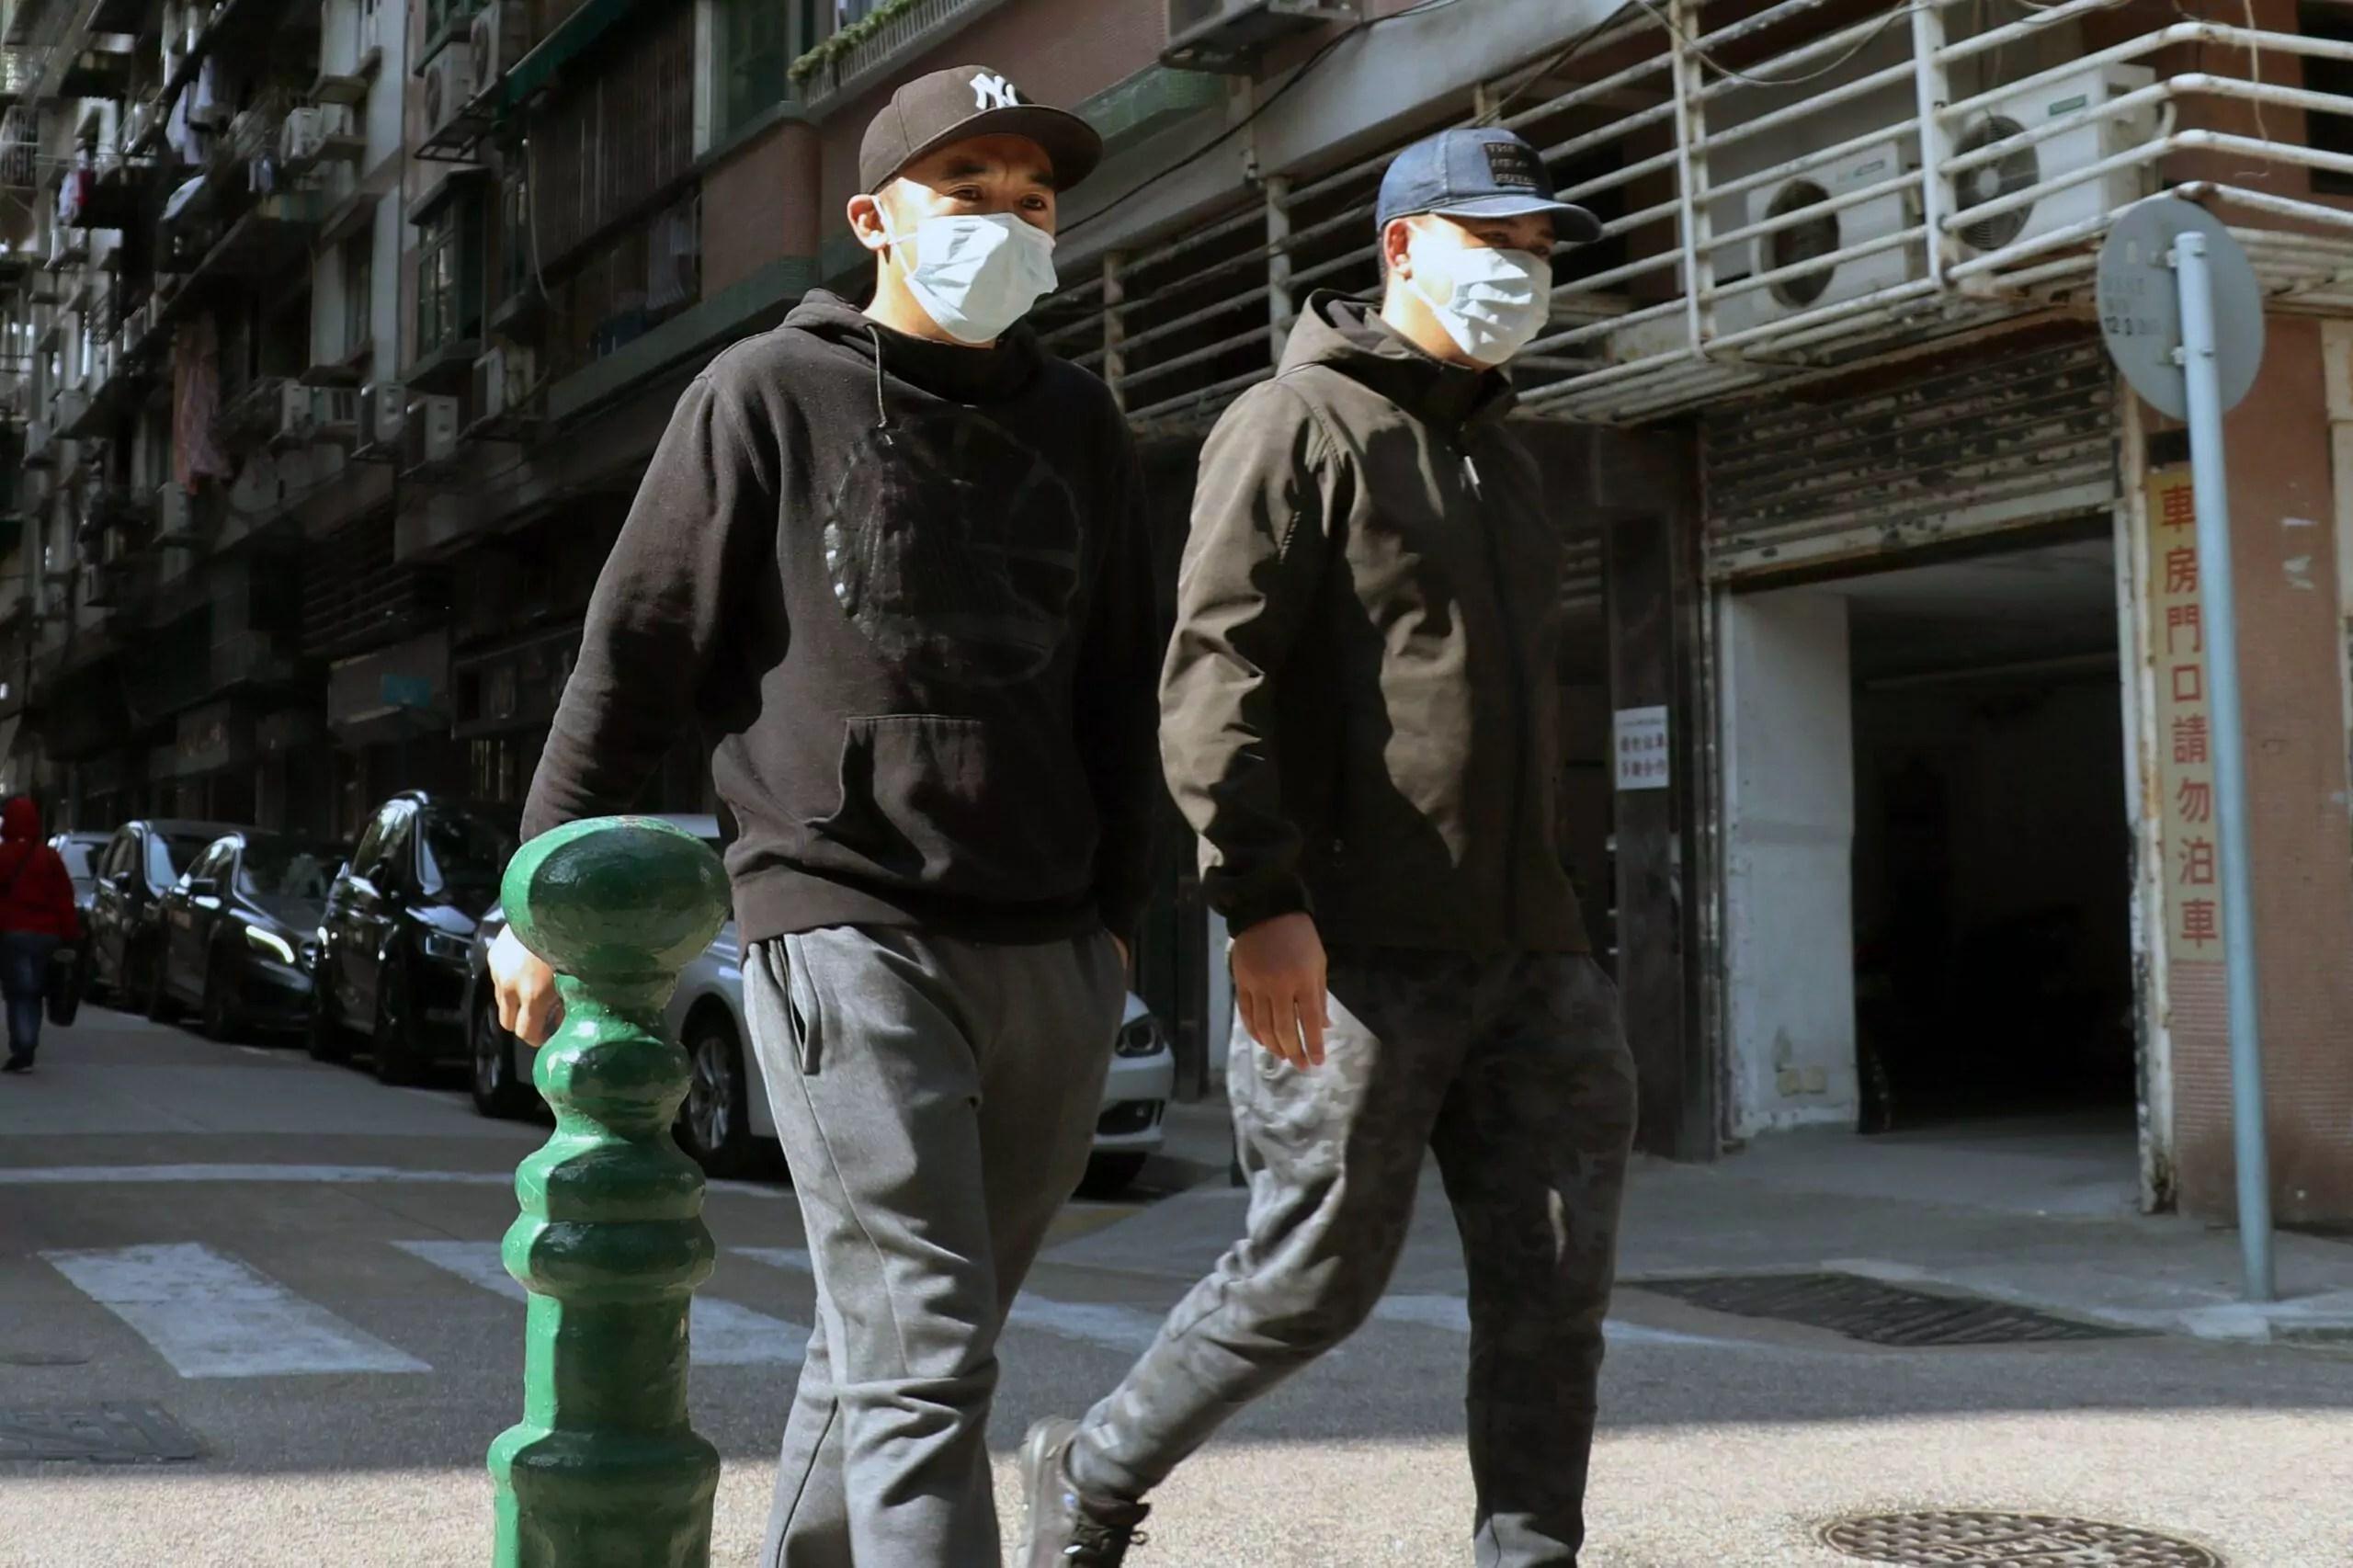 Por crise do coronavírus, Brasil apresenta piora em situação fiscal